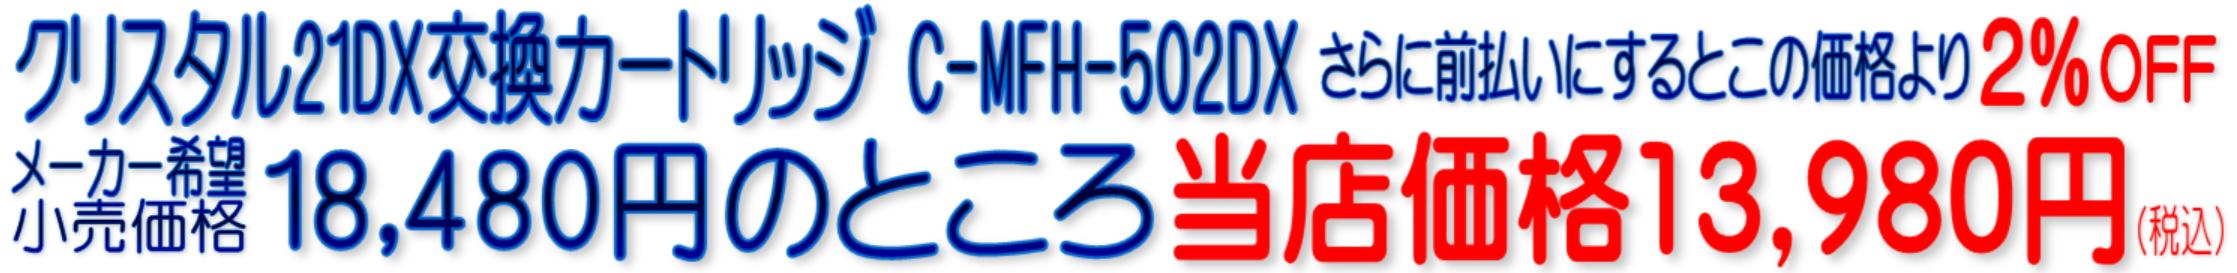 C-MFH-502DX